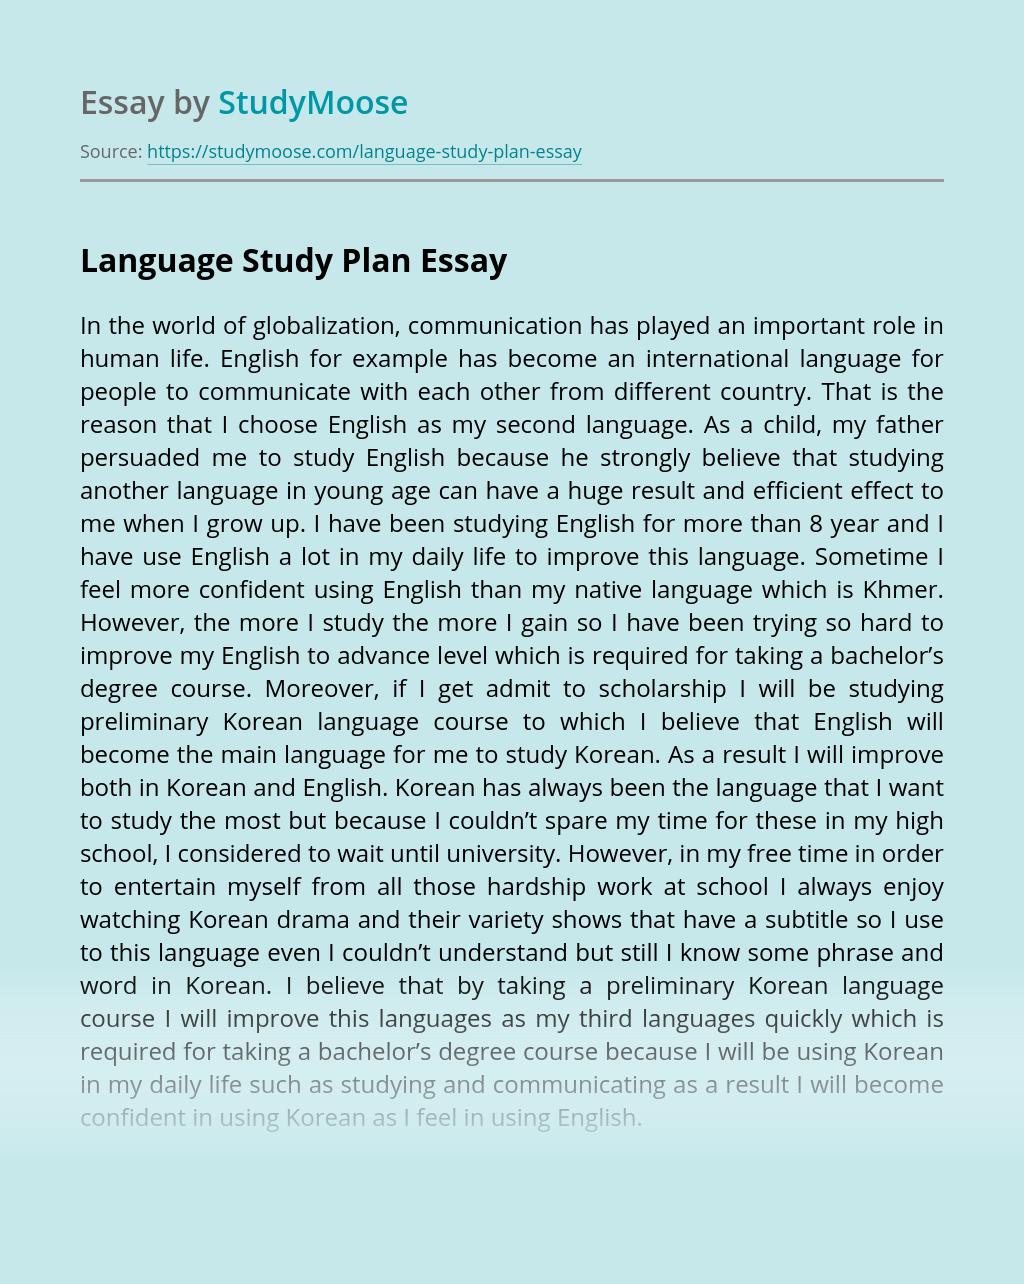 Language Study Plan